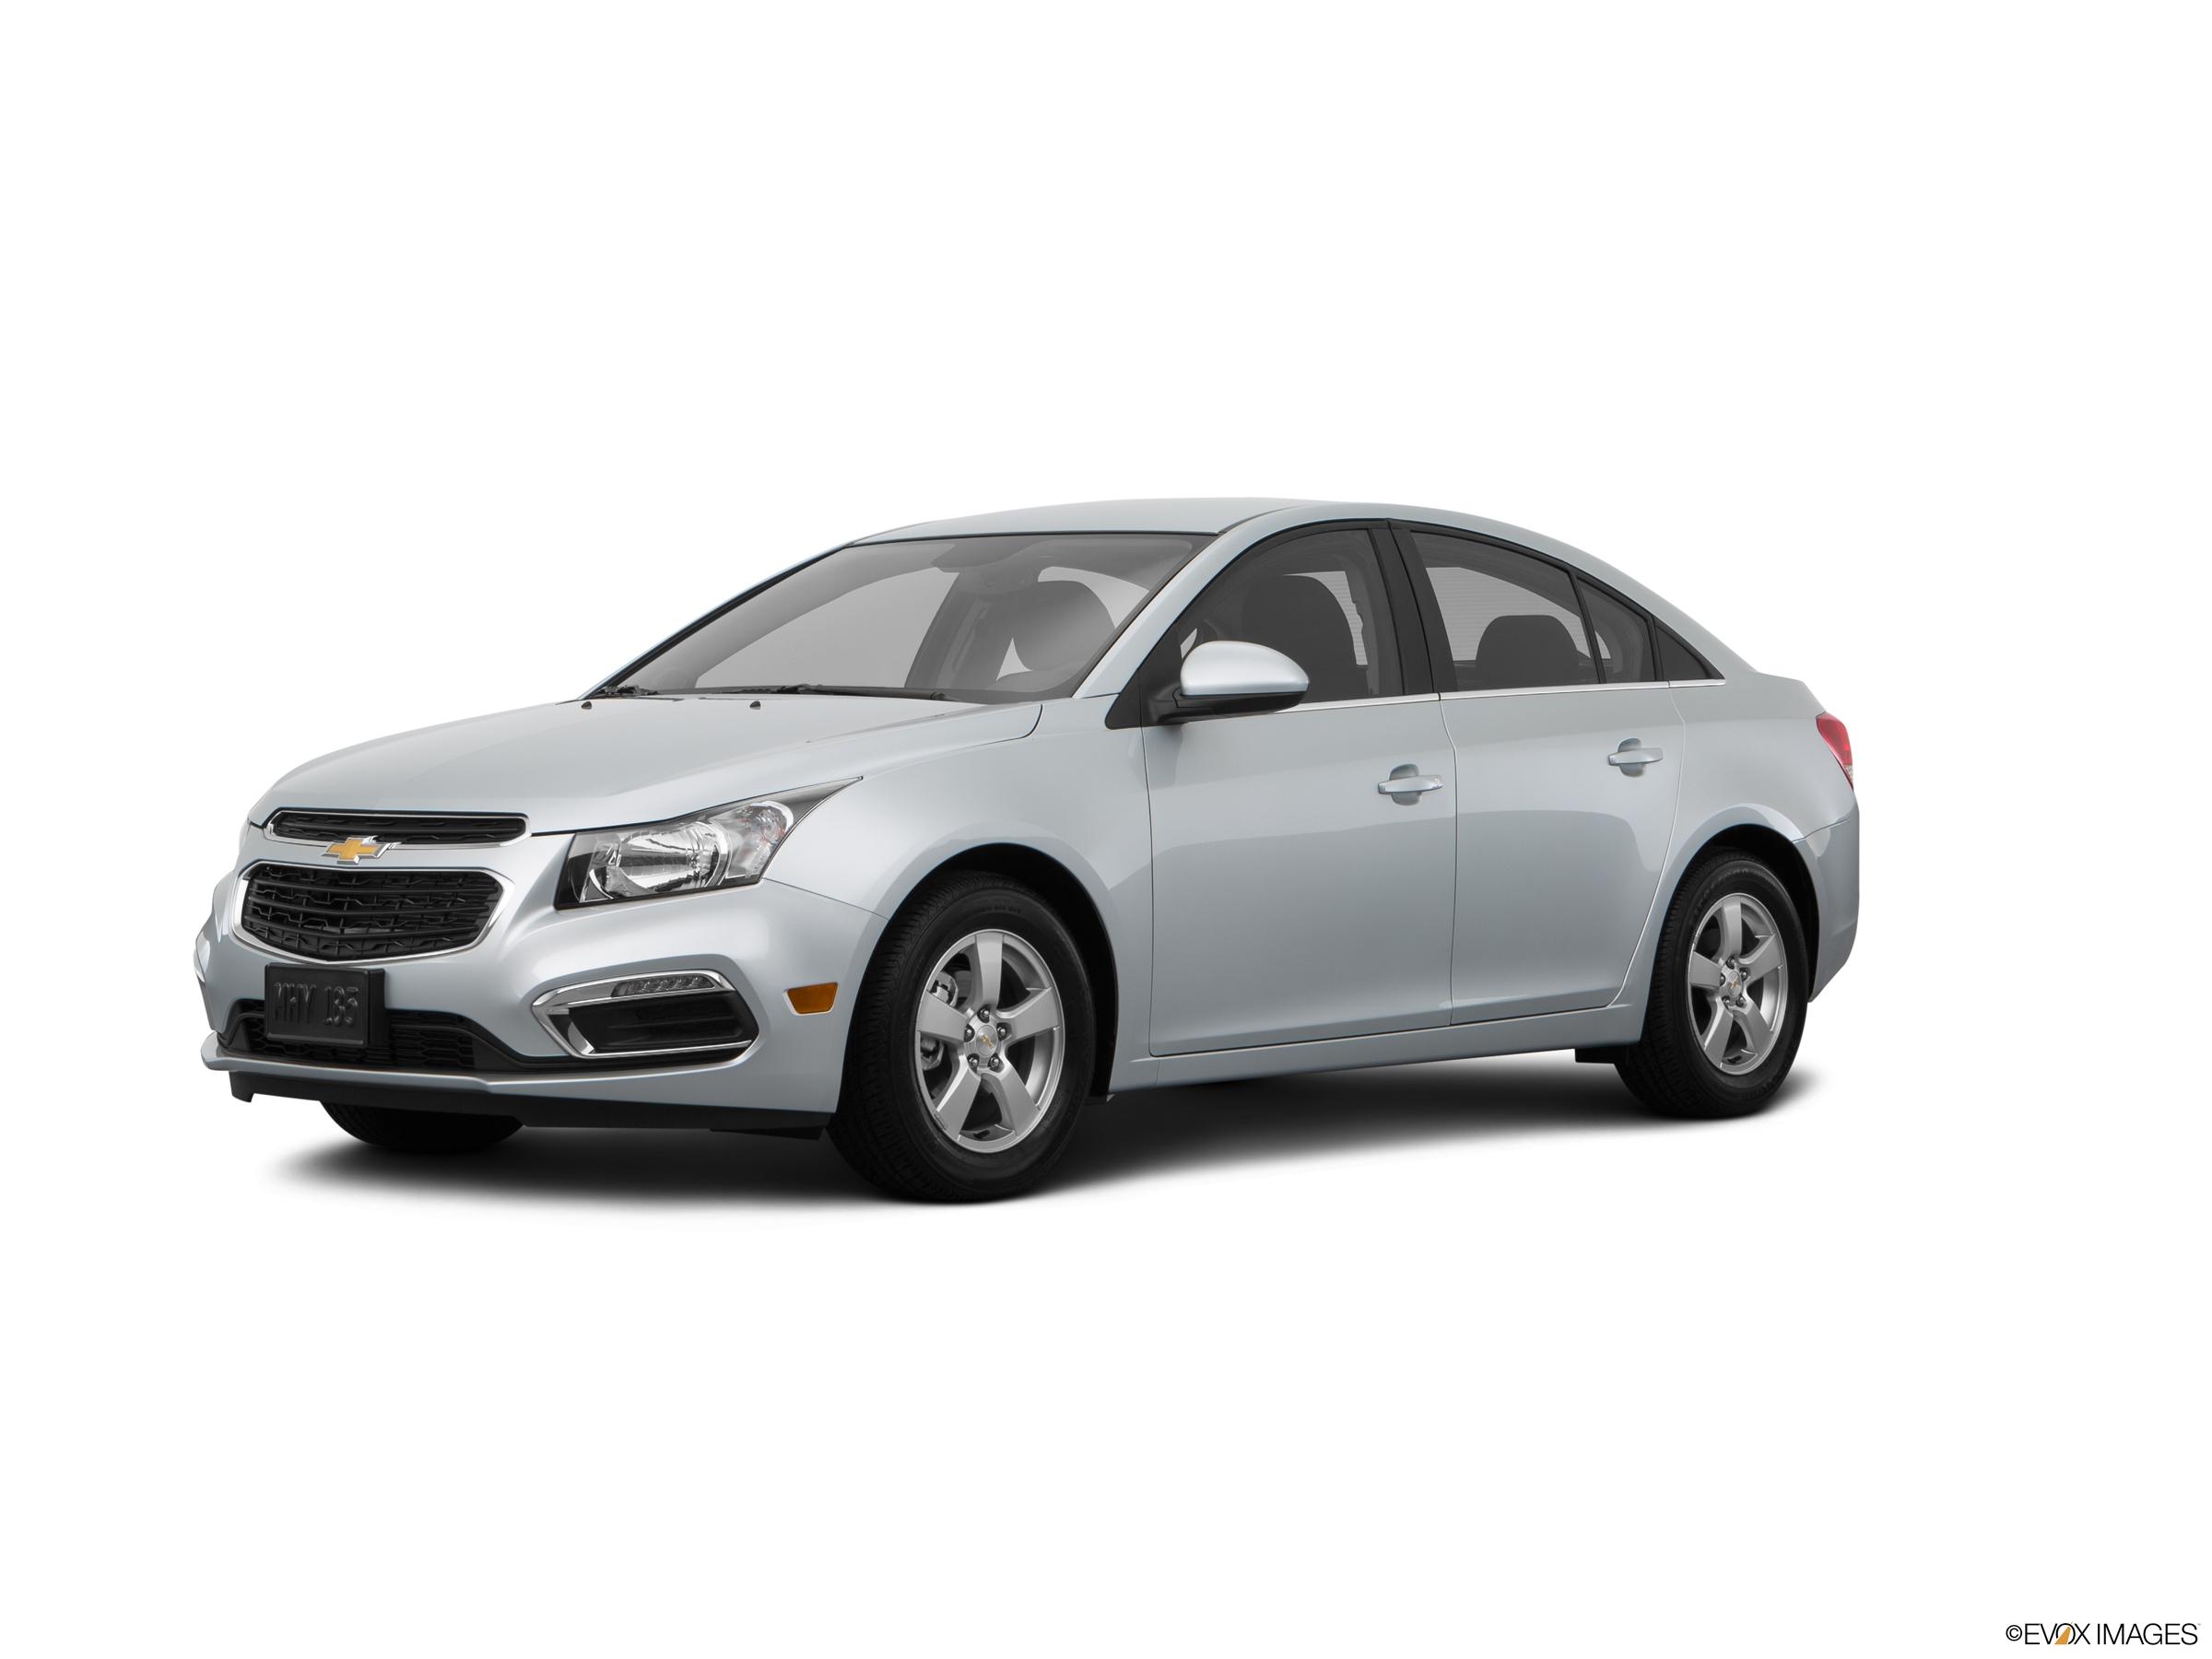 compare 2015 nissan sentra sr 4dr sedan vs 2015 toyota corolla le 2015 toyota corolla invoice price